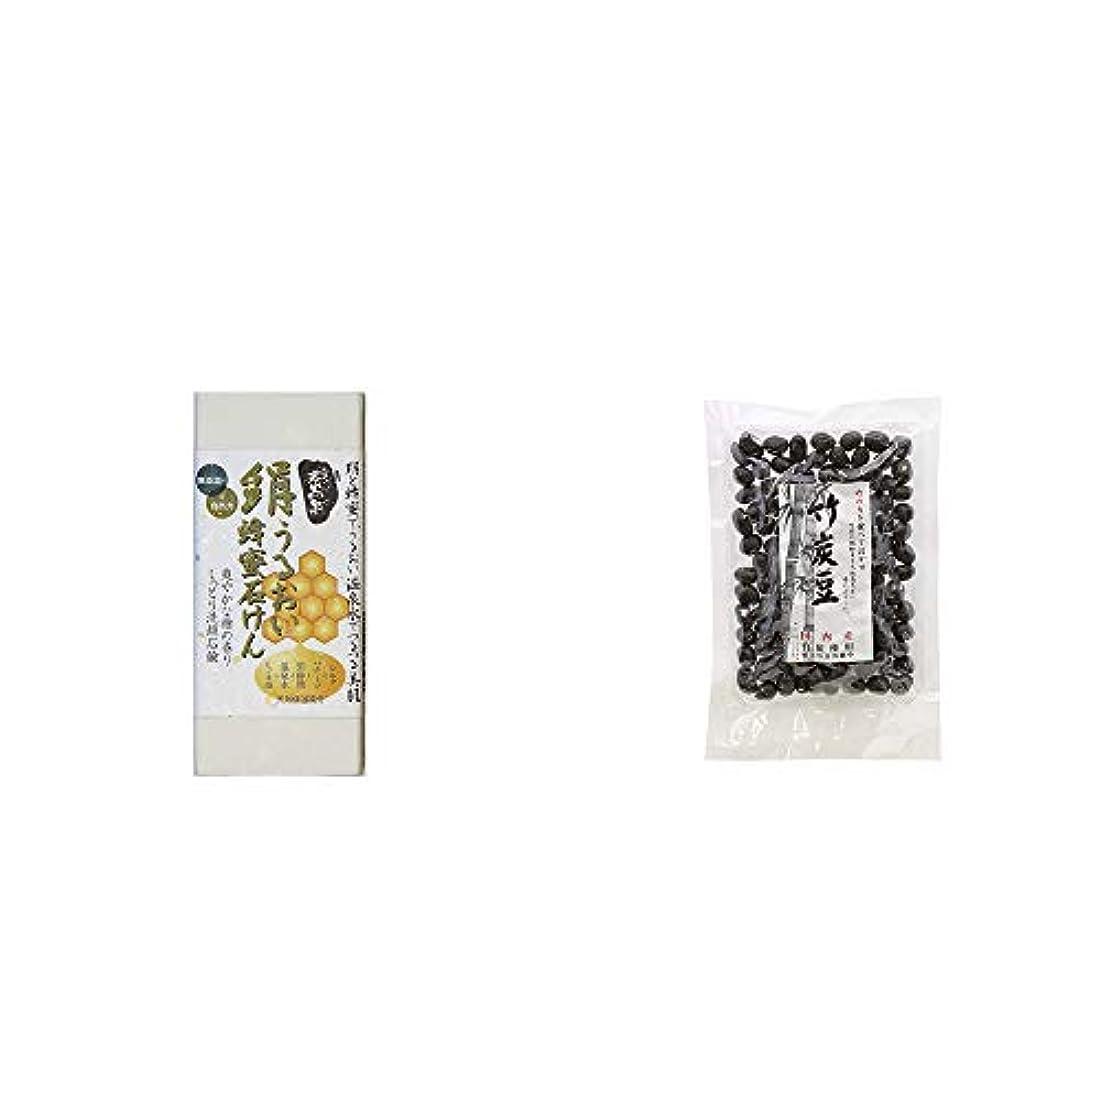 芸術仲良し加害者[2点セット] ひのき炭黒泉 絹うるおい蜂蜜石けん(75g×2)?国内産 竹炭使用 竹炭豆(160g)